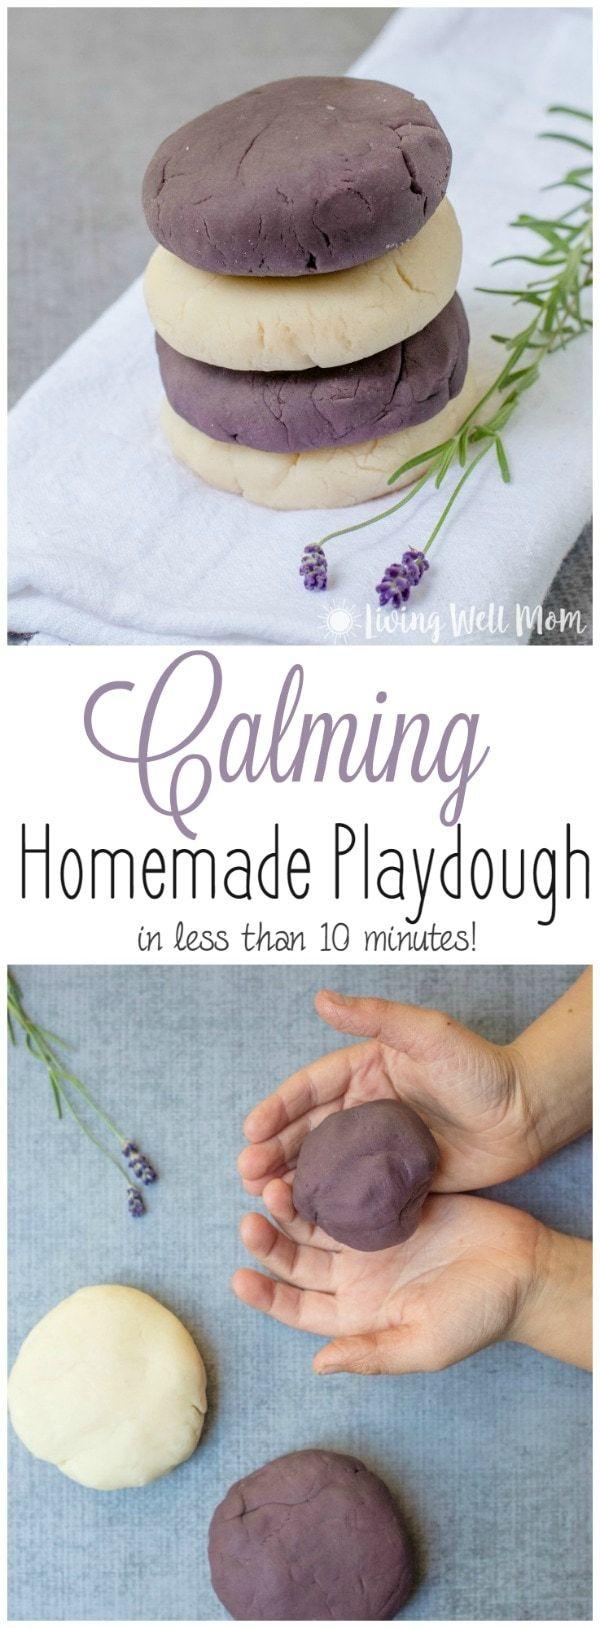 Calming Homemade Playdough Recipe Homemade playdough